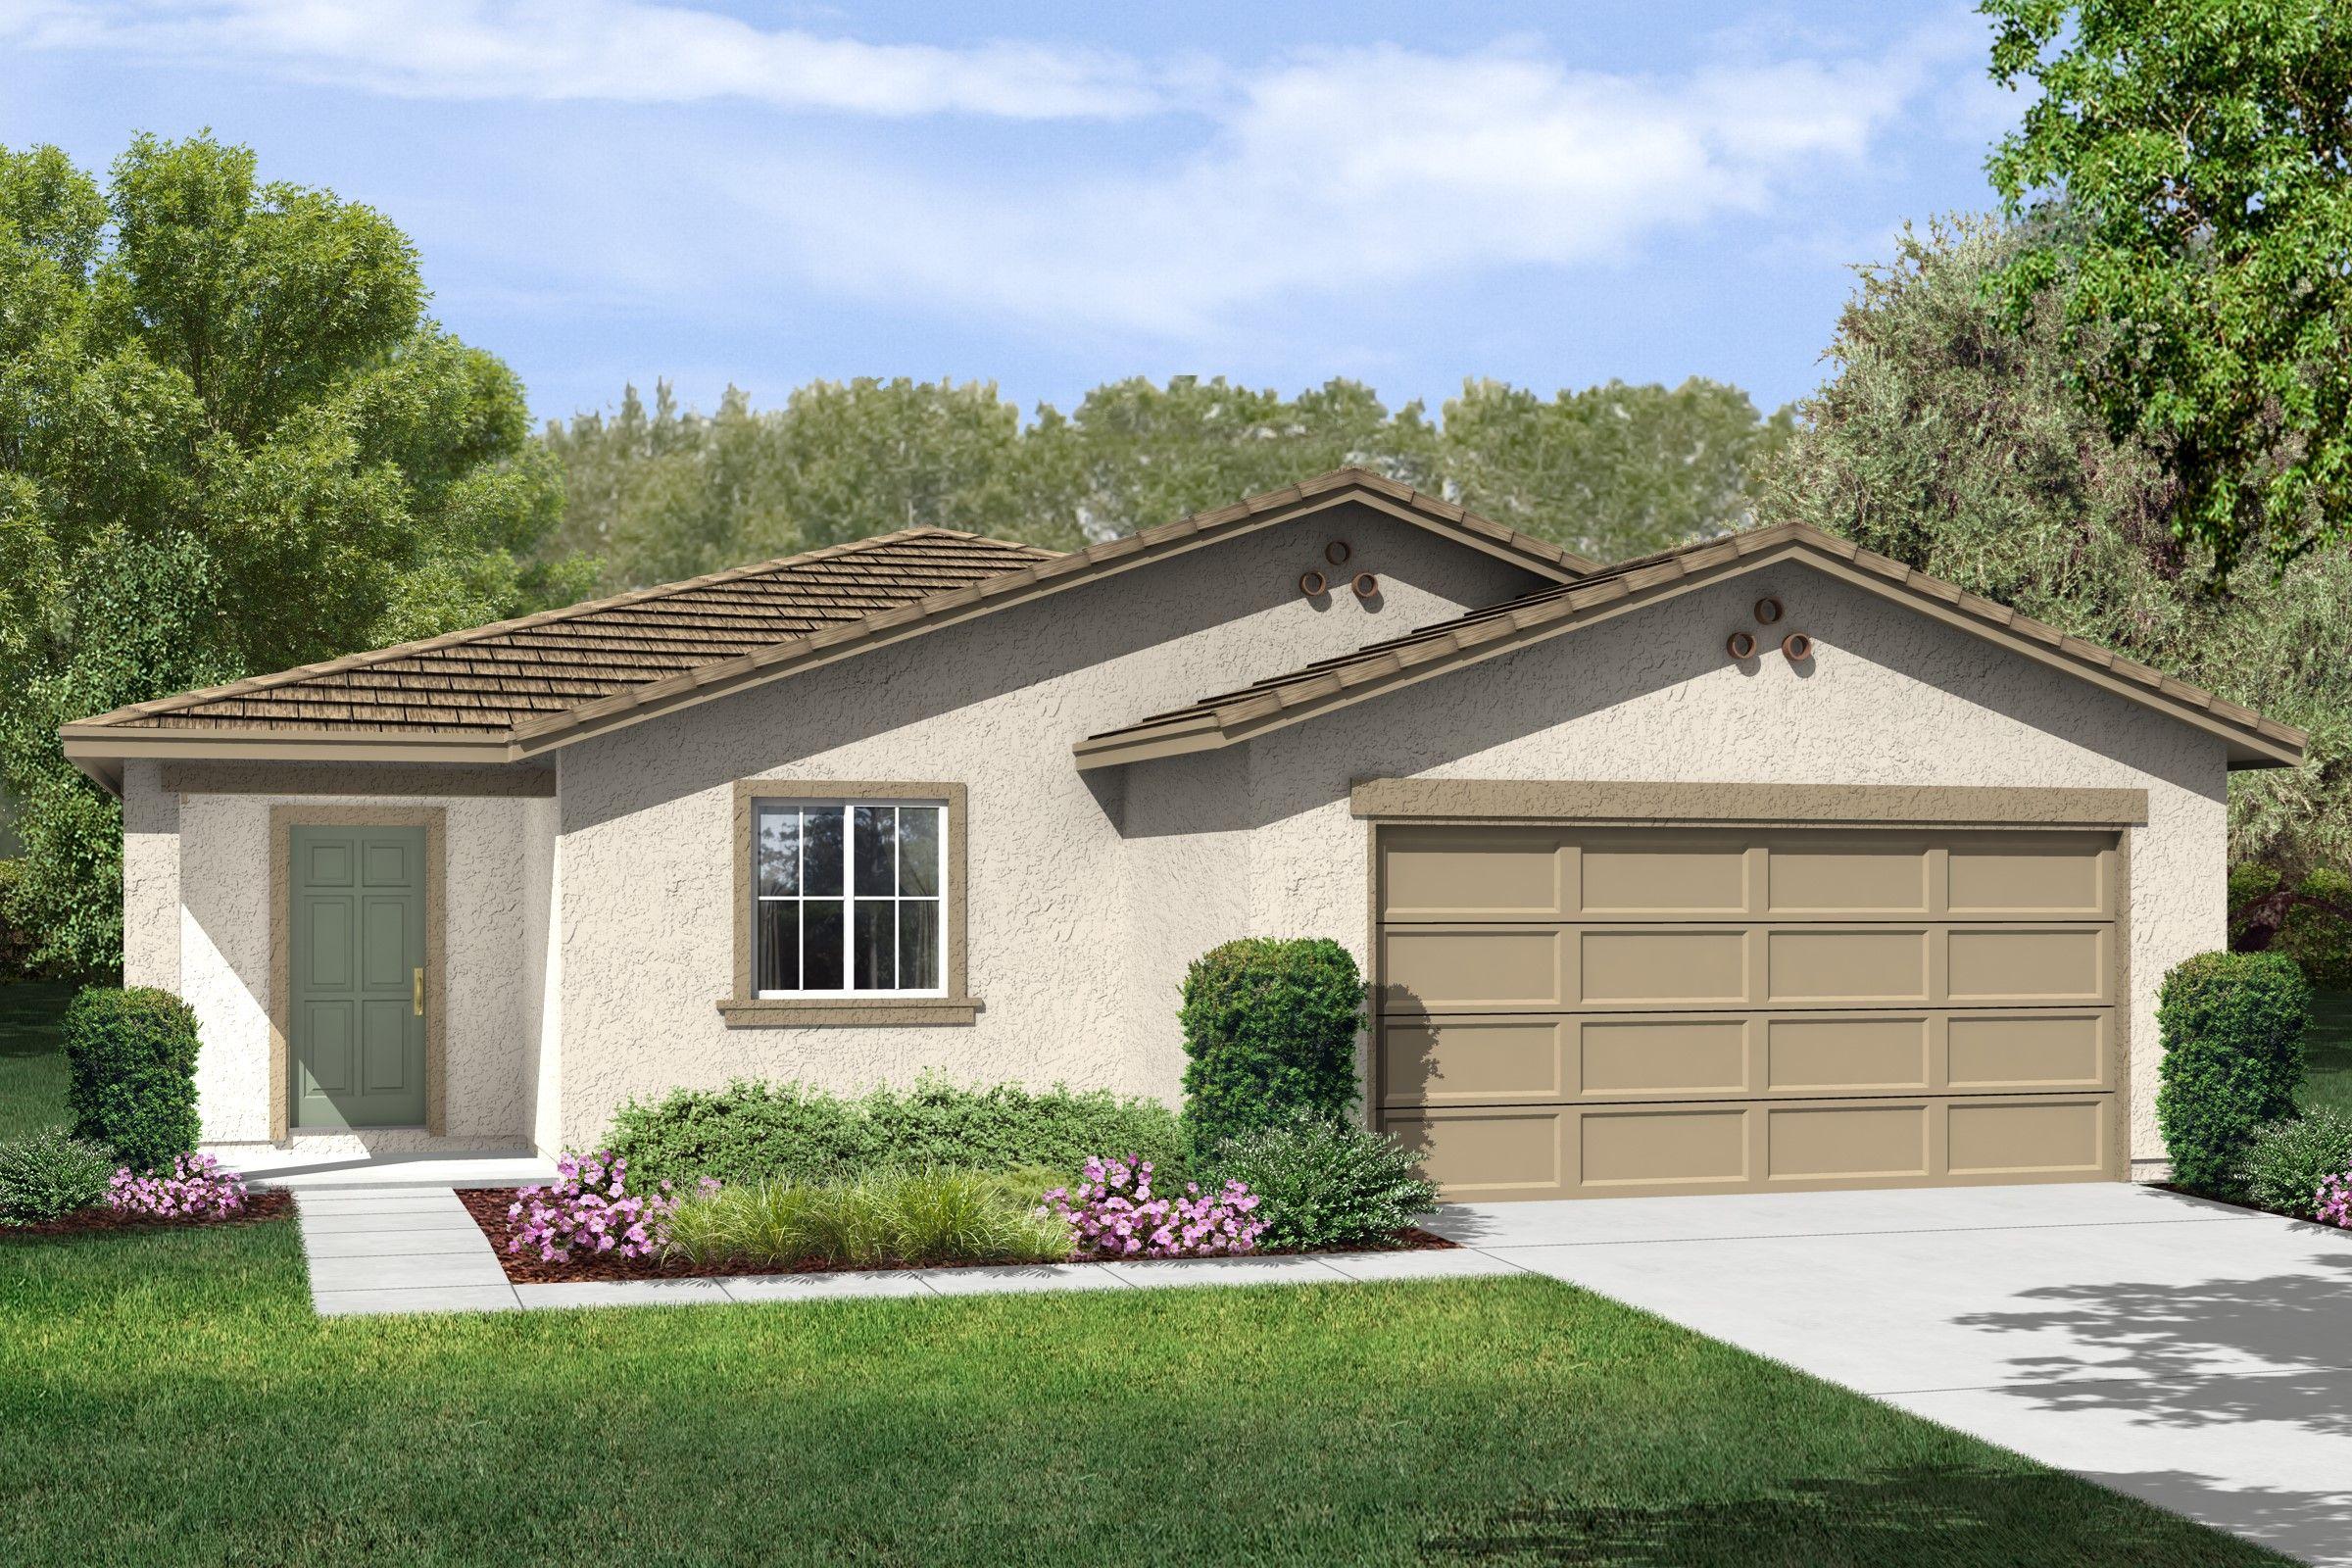 Single Family for Sale at Aspire - Estrella 2101 Rayo Del Luna Drive Arvin, California 93203 United States